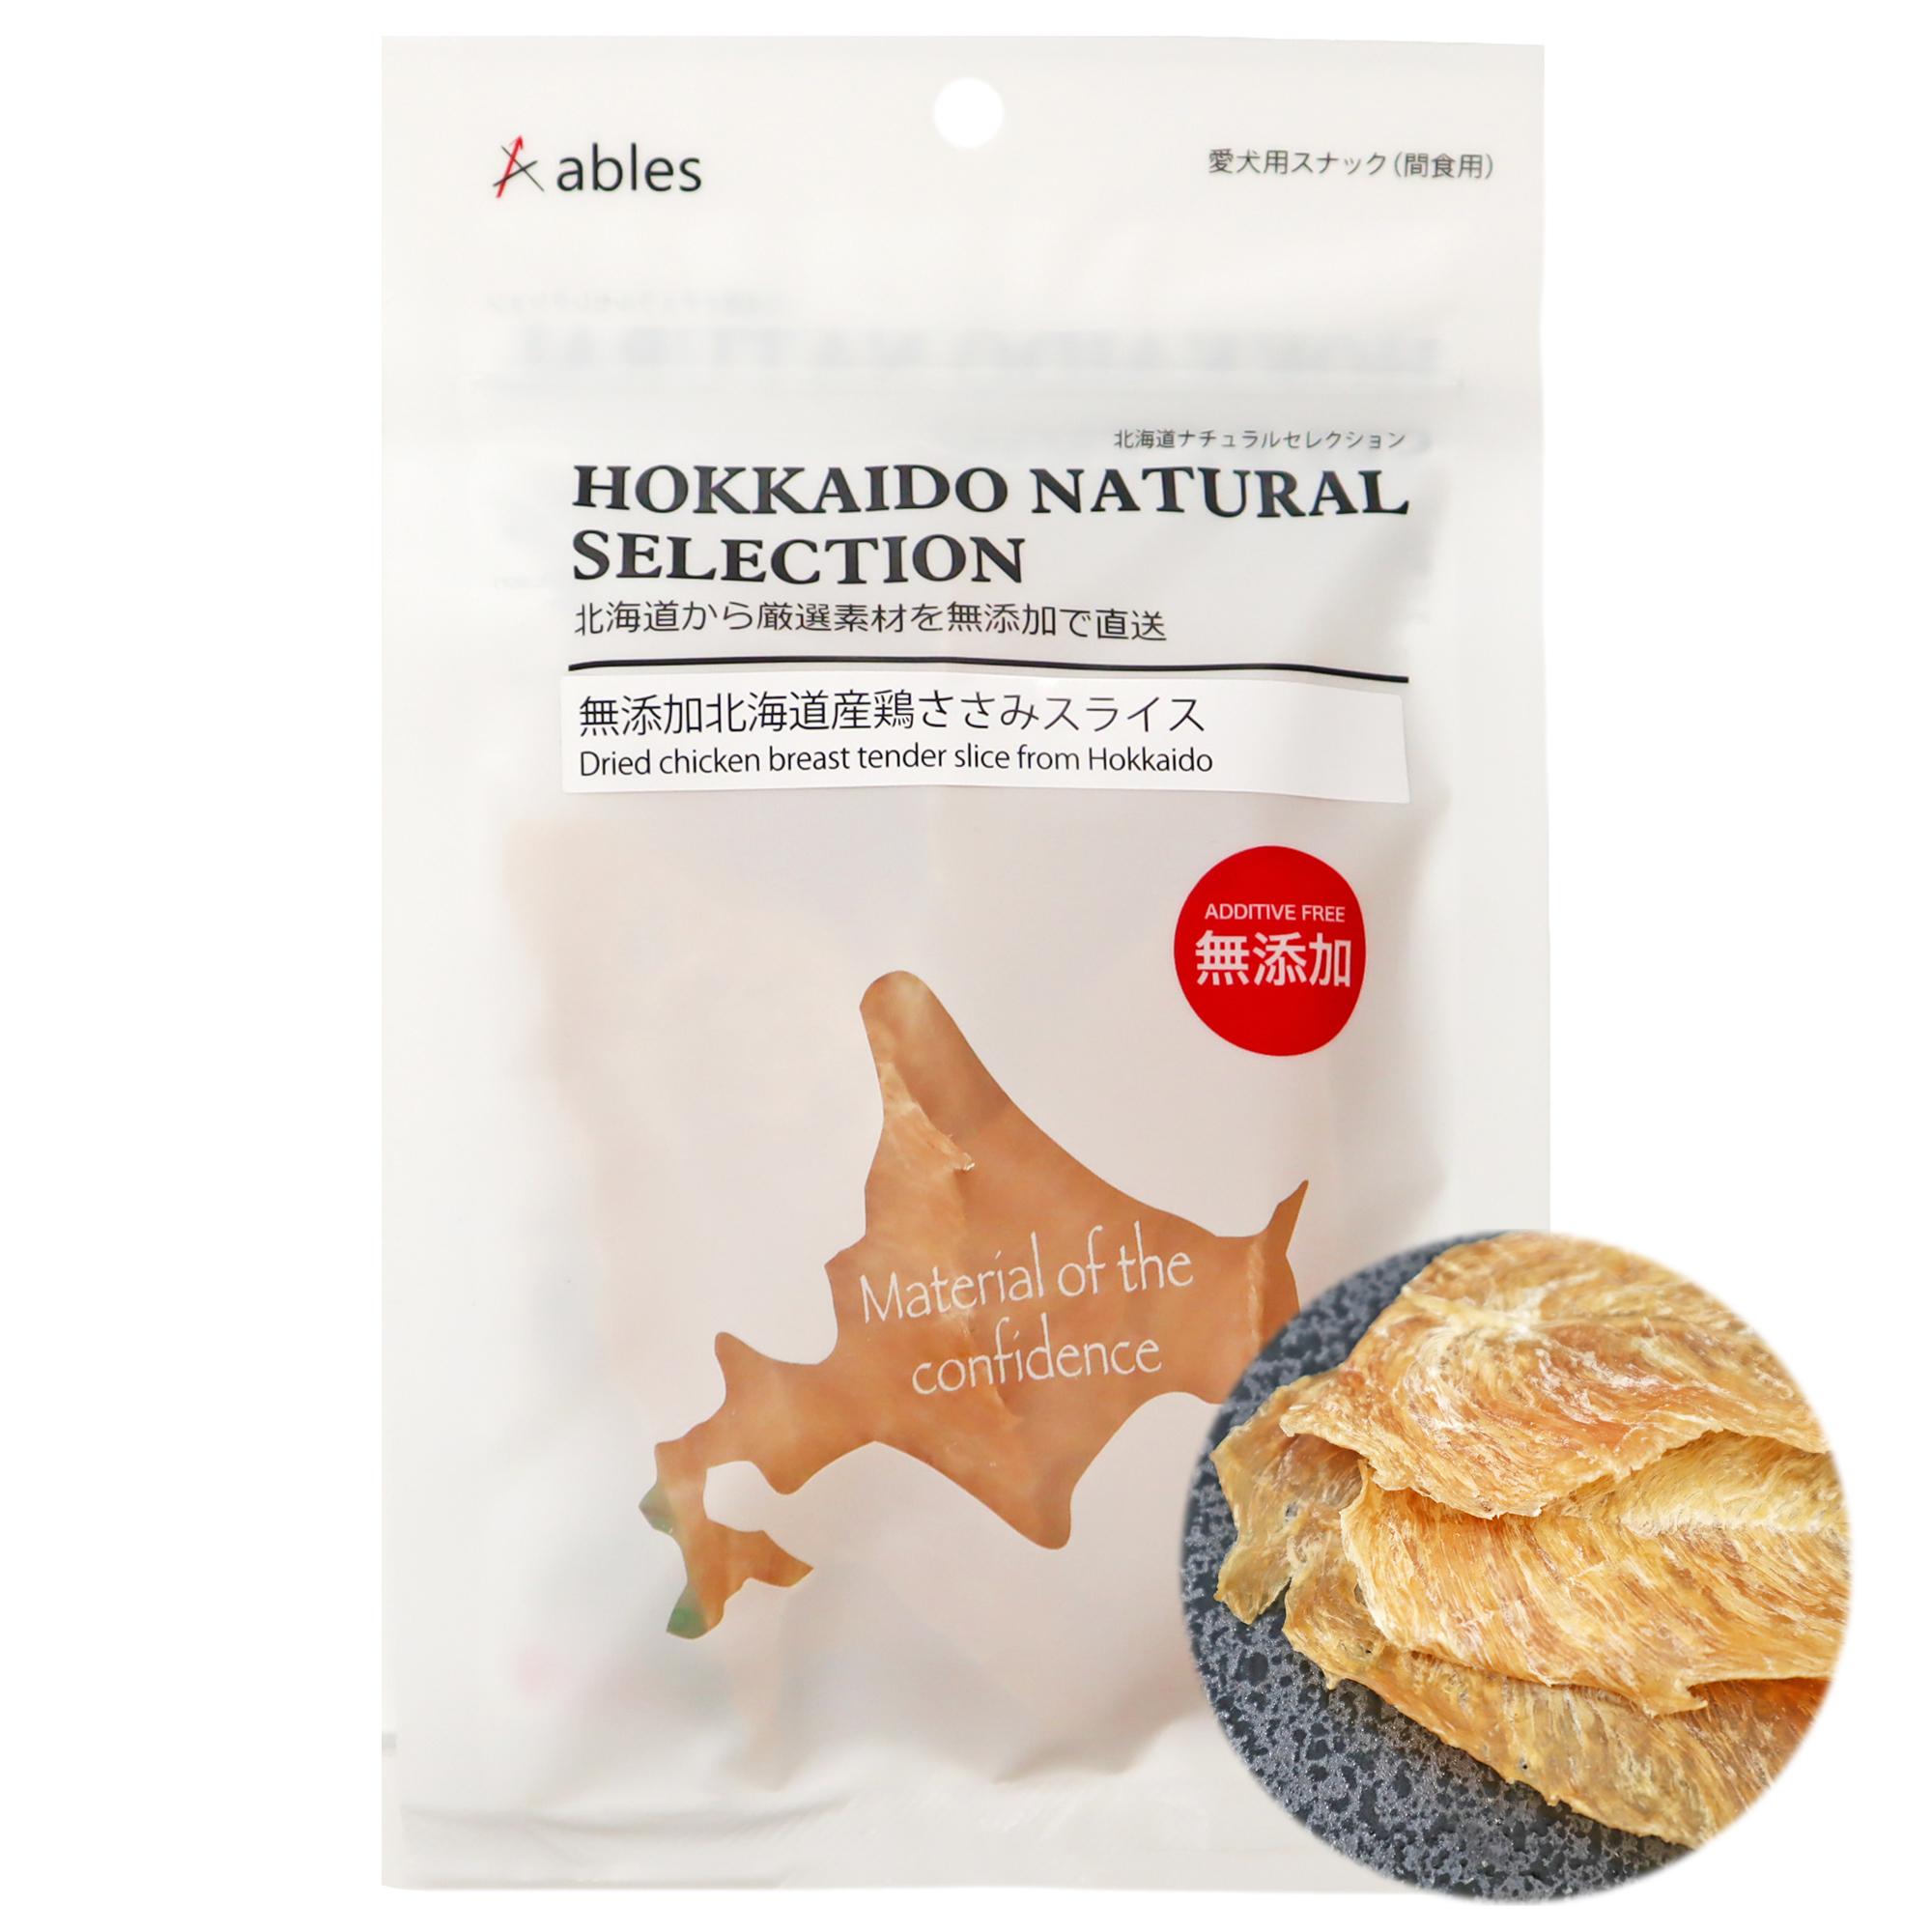 HOKKAIDO NATURAL SELECTION 無添加北海道産鶏ささみスライス 20g